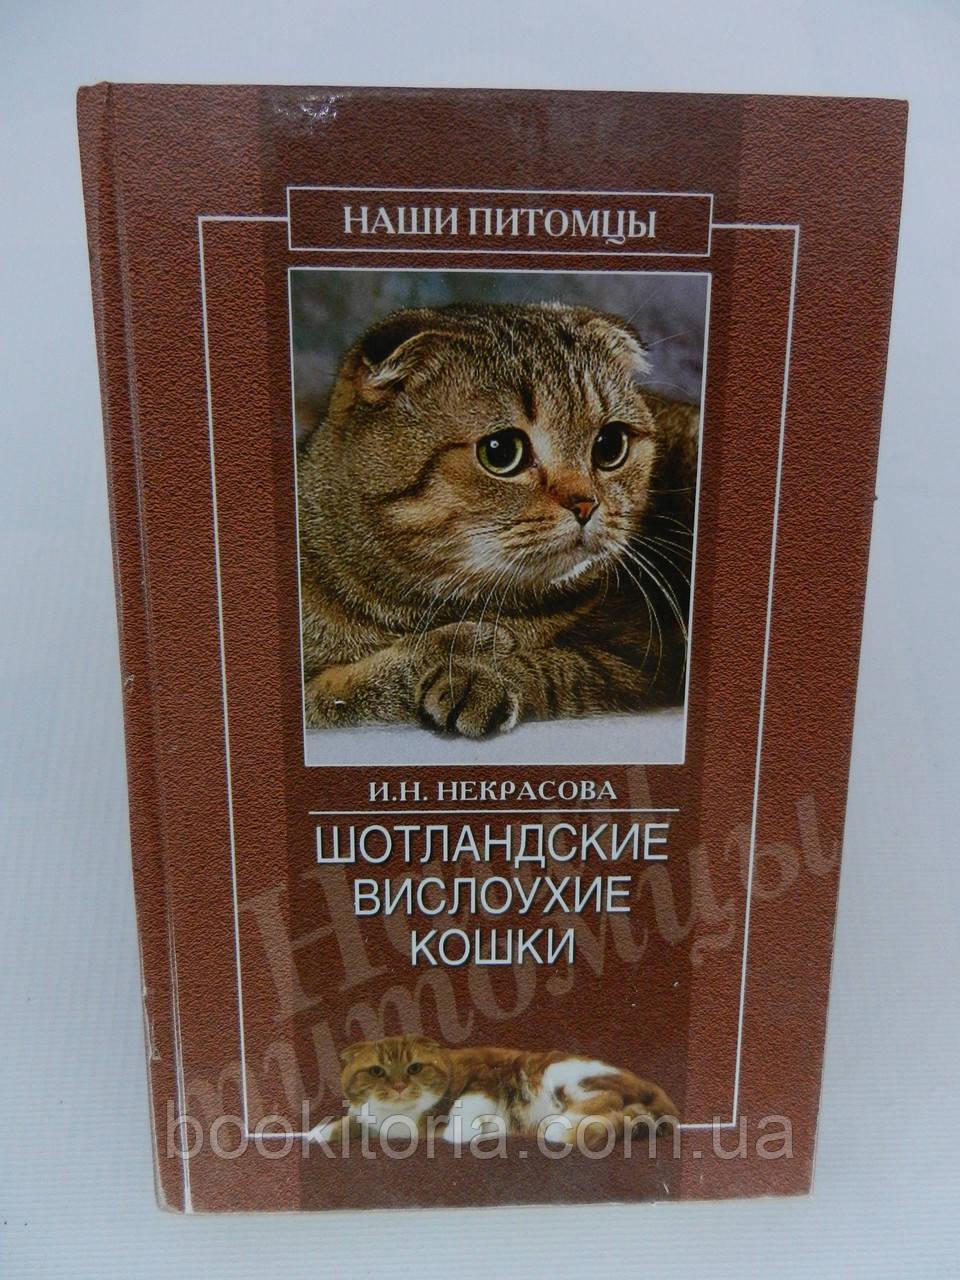 Некрасова И.Н. Шотландские вислоухие кошки (б/у).